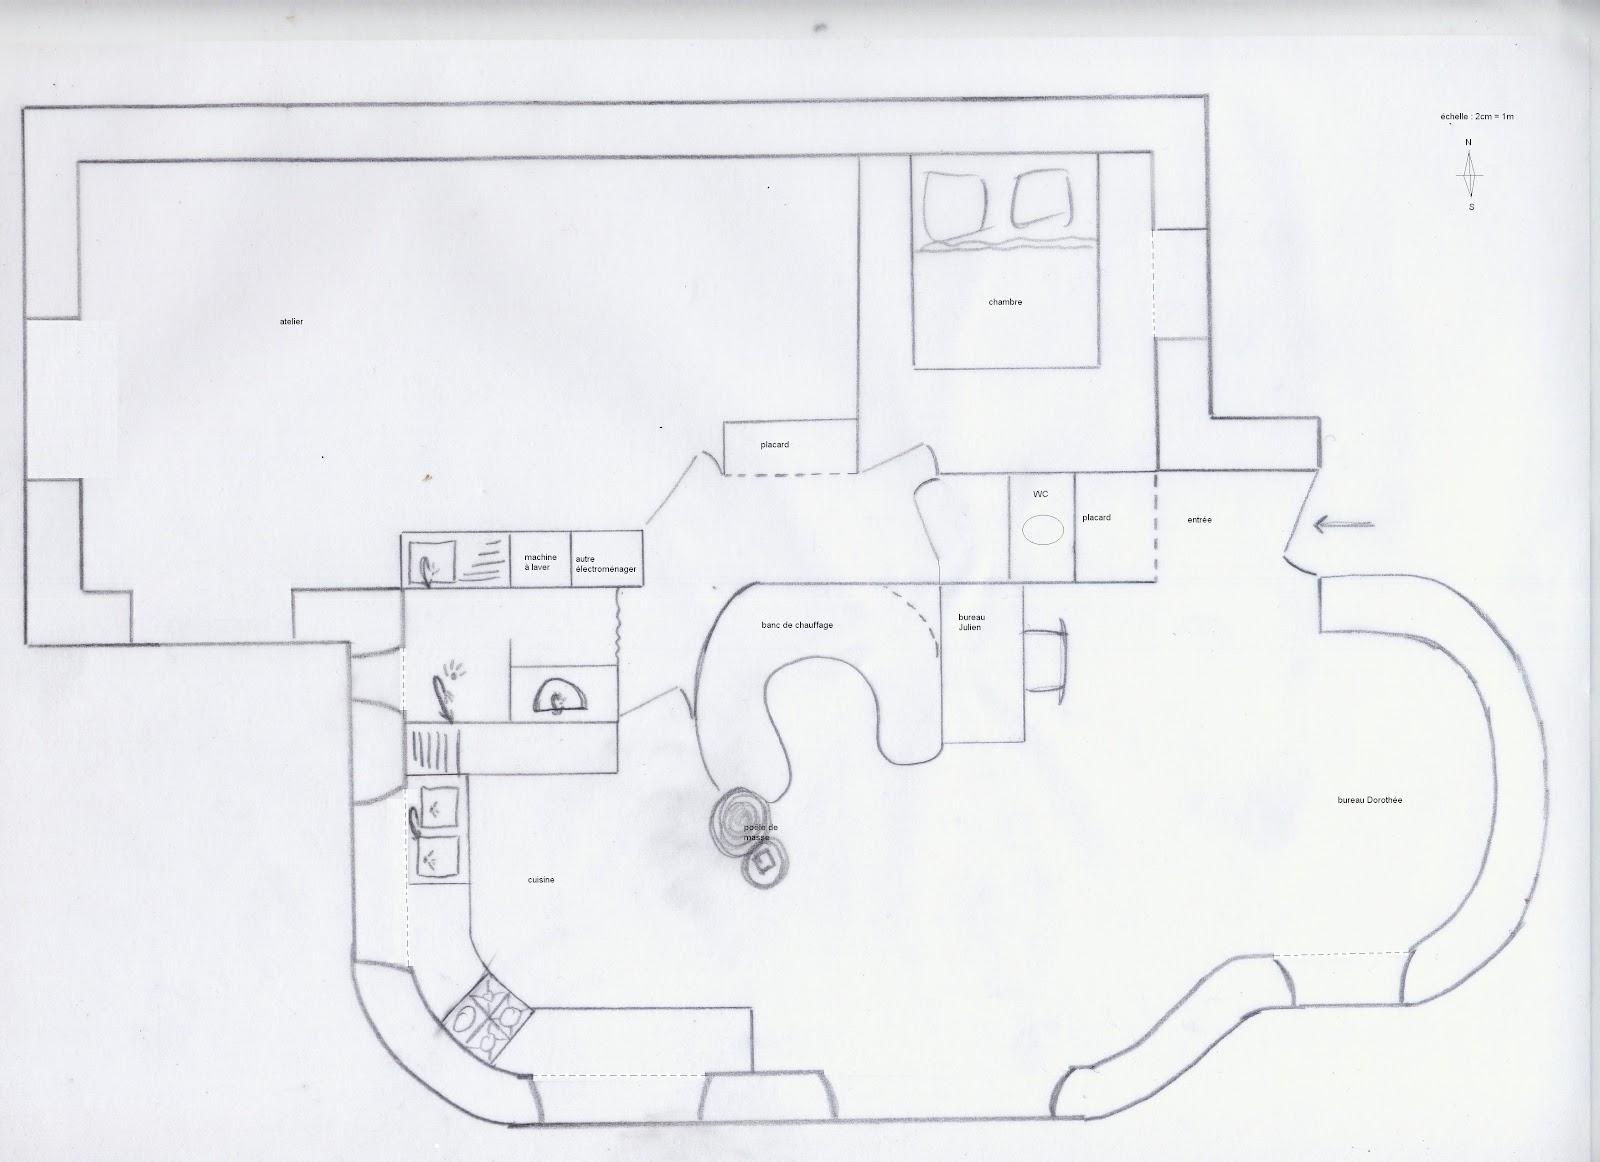 maison terre et paille plan au sol. Black Bedroom Furniture Sets. Home Design Ideas